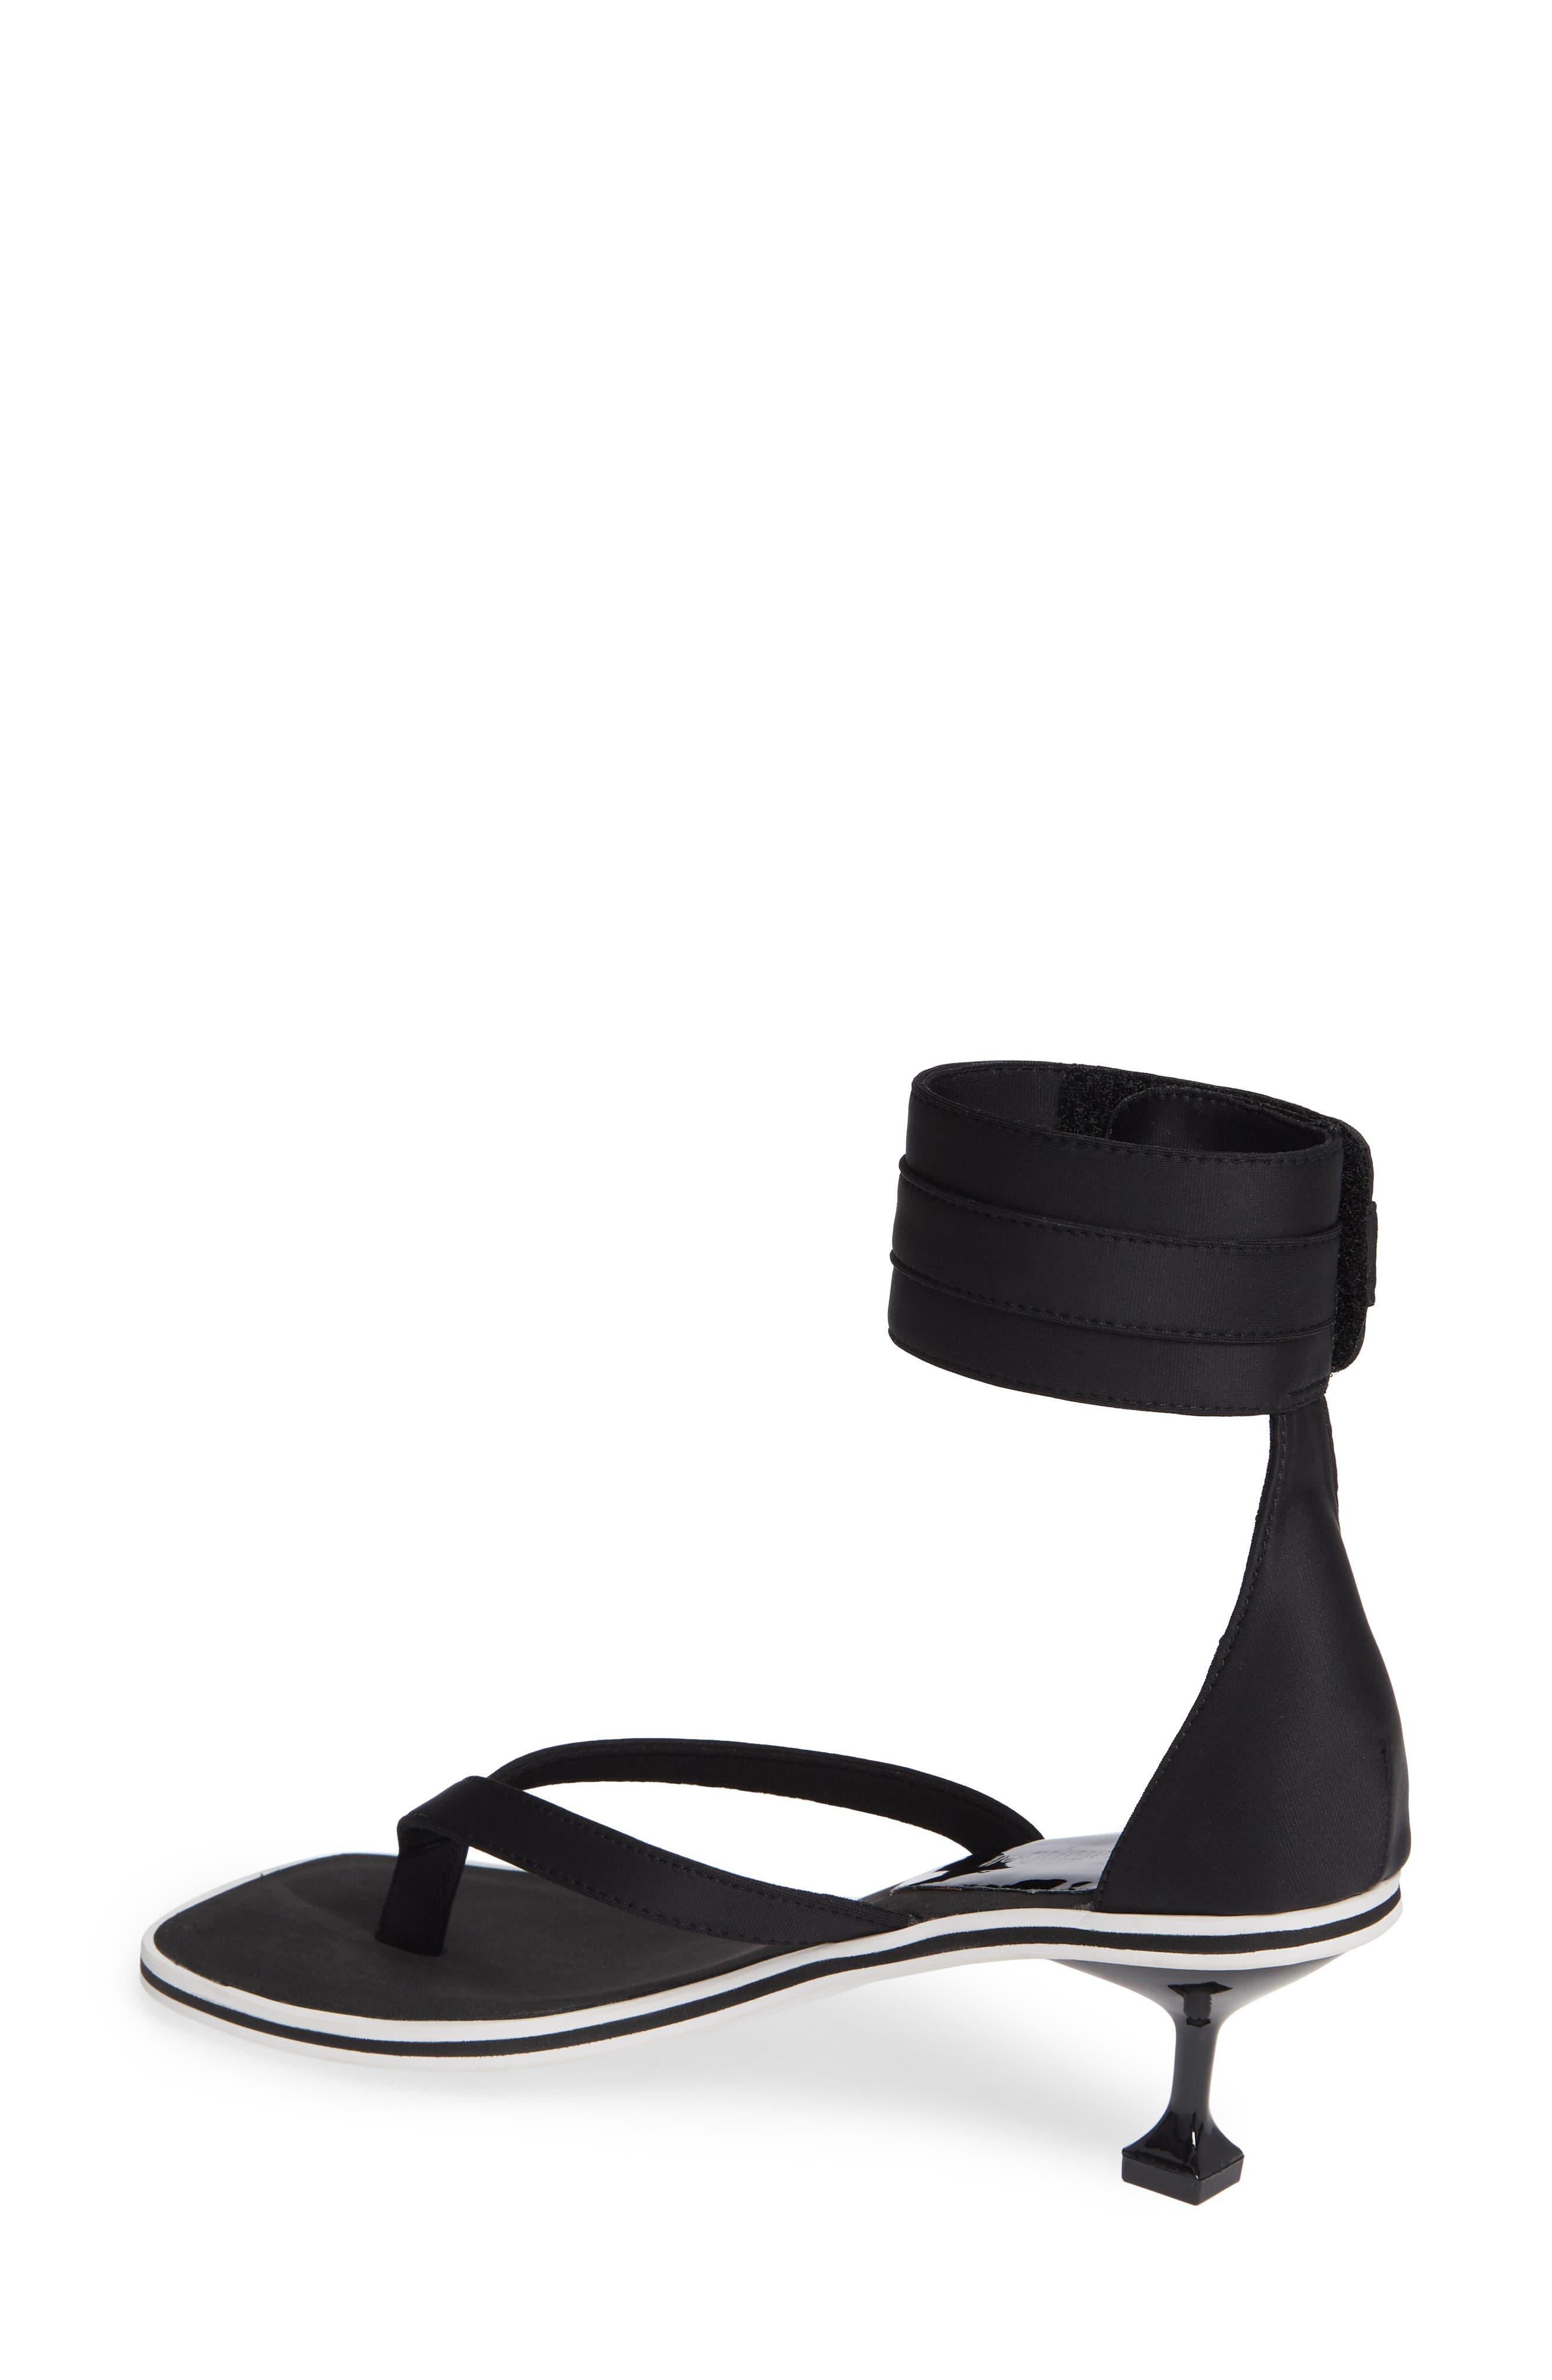 Dribble Cuff Pedestal Sandal,                             Alternate thumbnail 2, color,                             Black Neoprene White Fabric